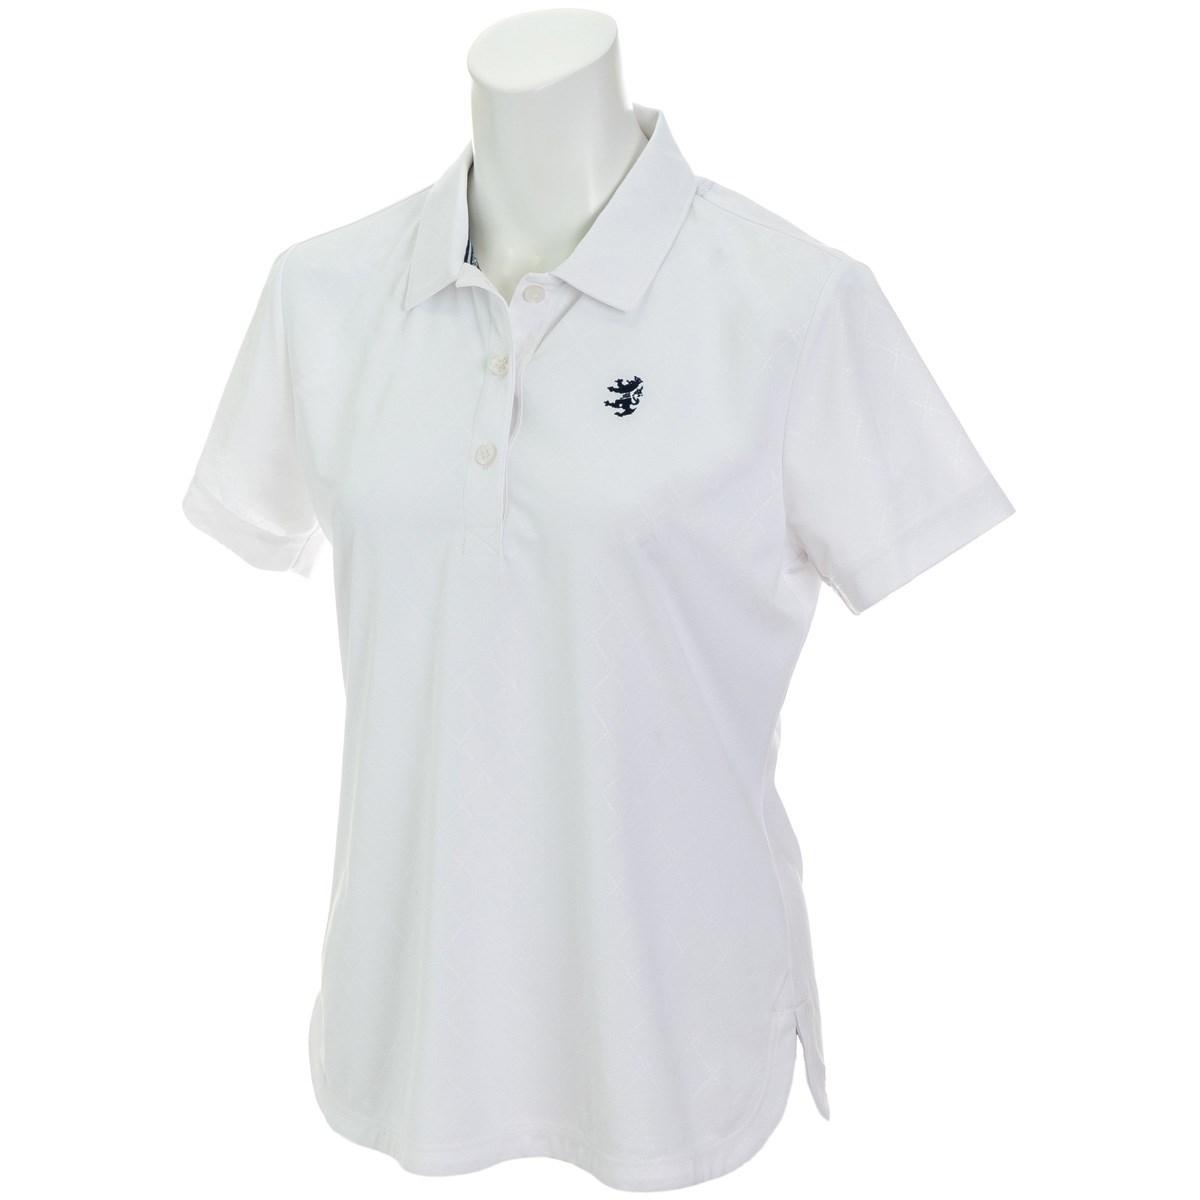 アドミラル Admiral バイアスエンボス 半袖ポロシャツ S ホワイト 00 レディス